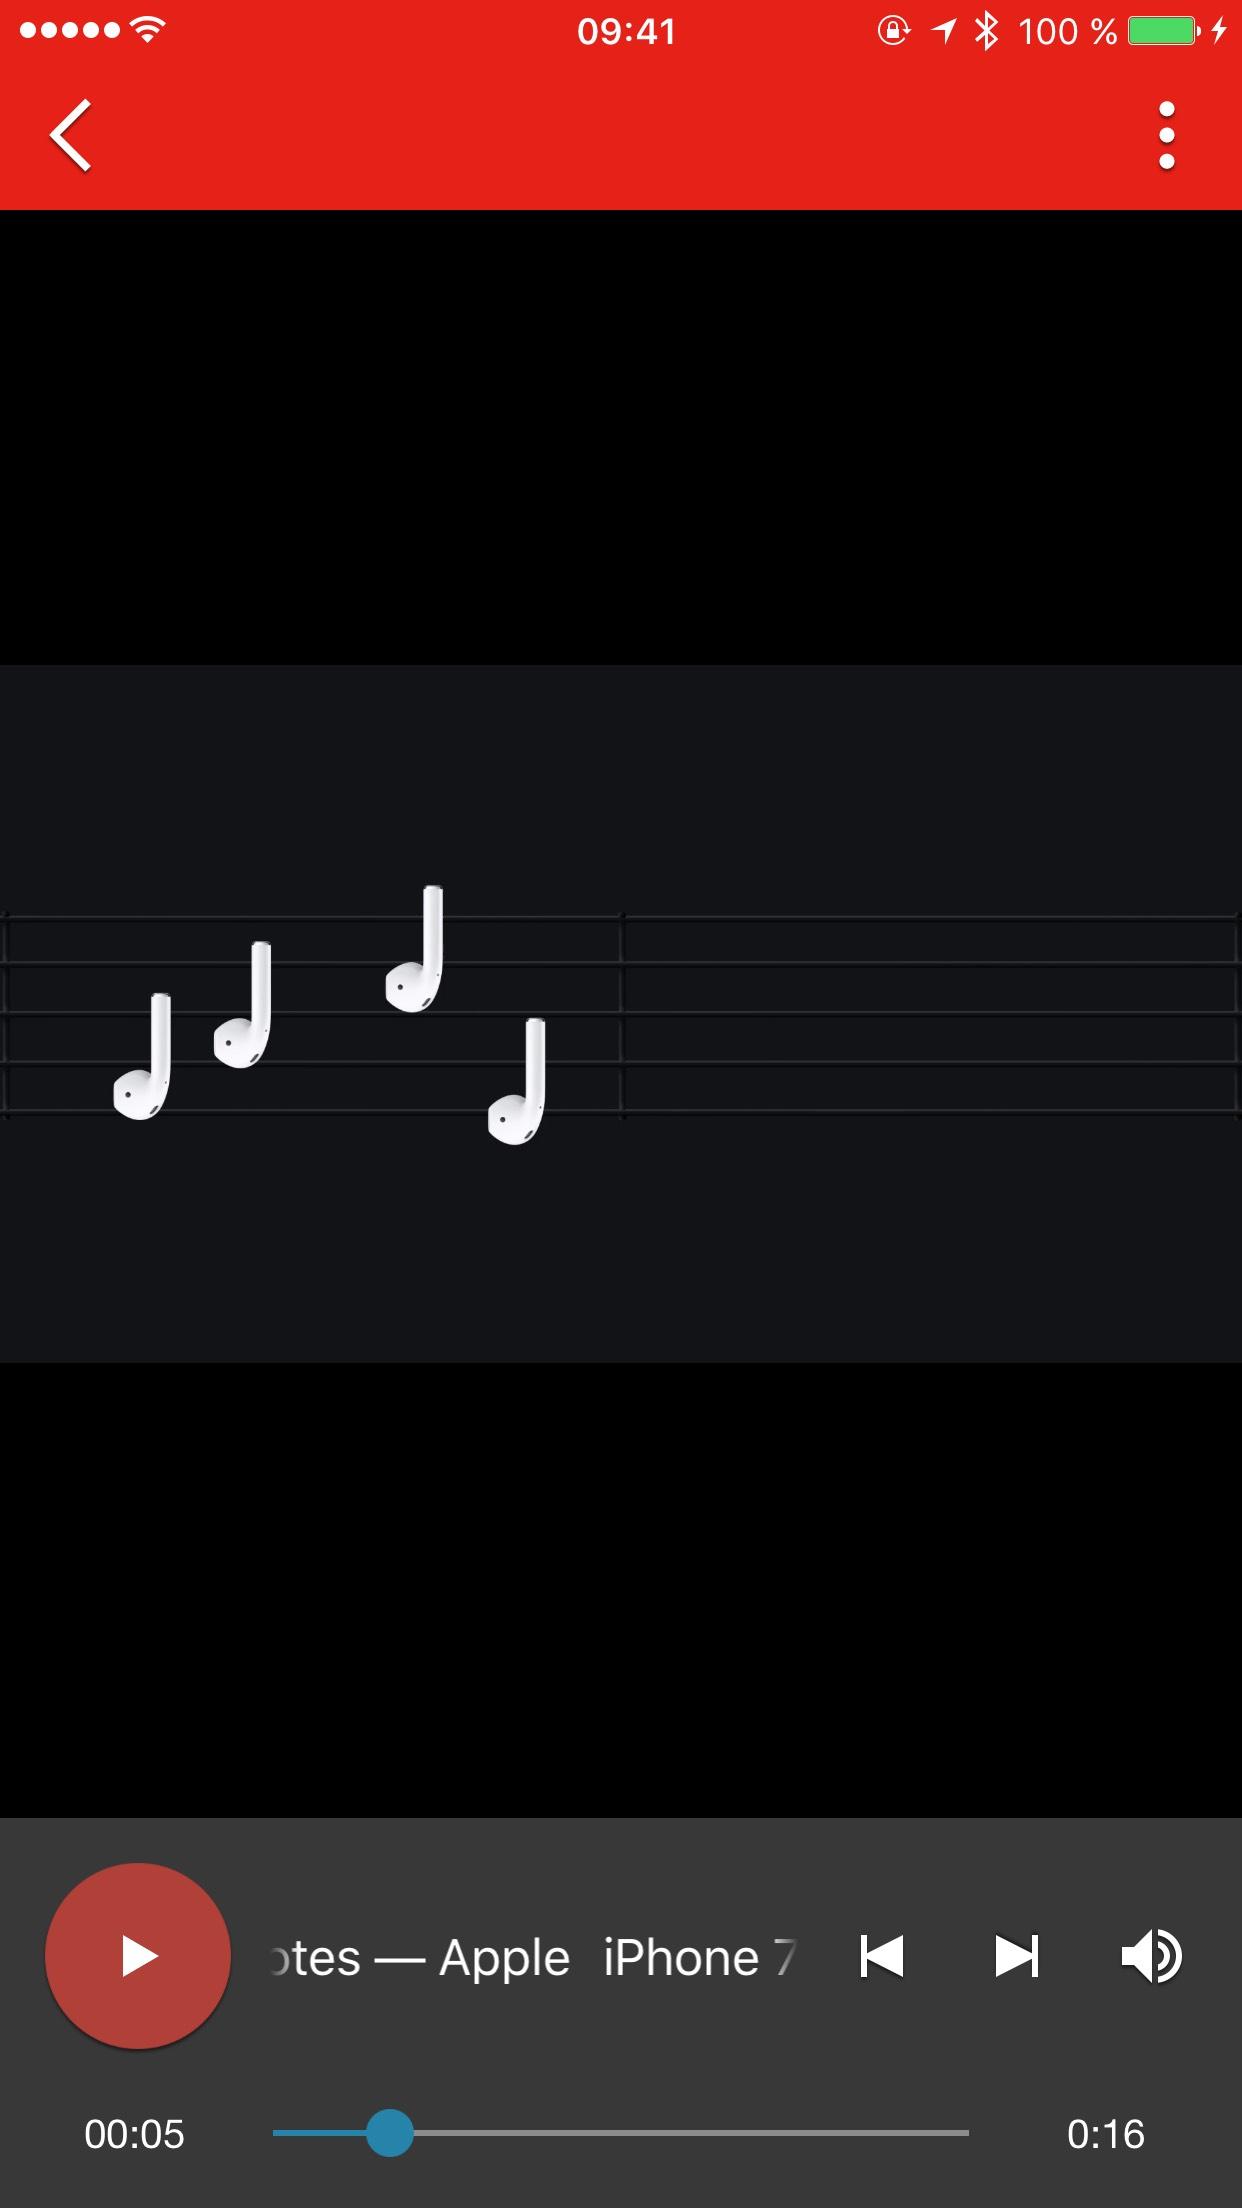 Download Cercube 4 for YouTube 4.1.3k